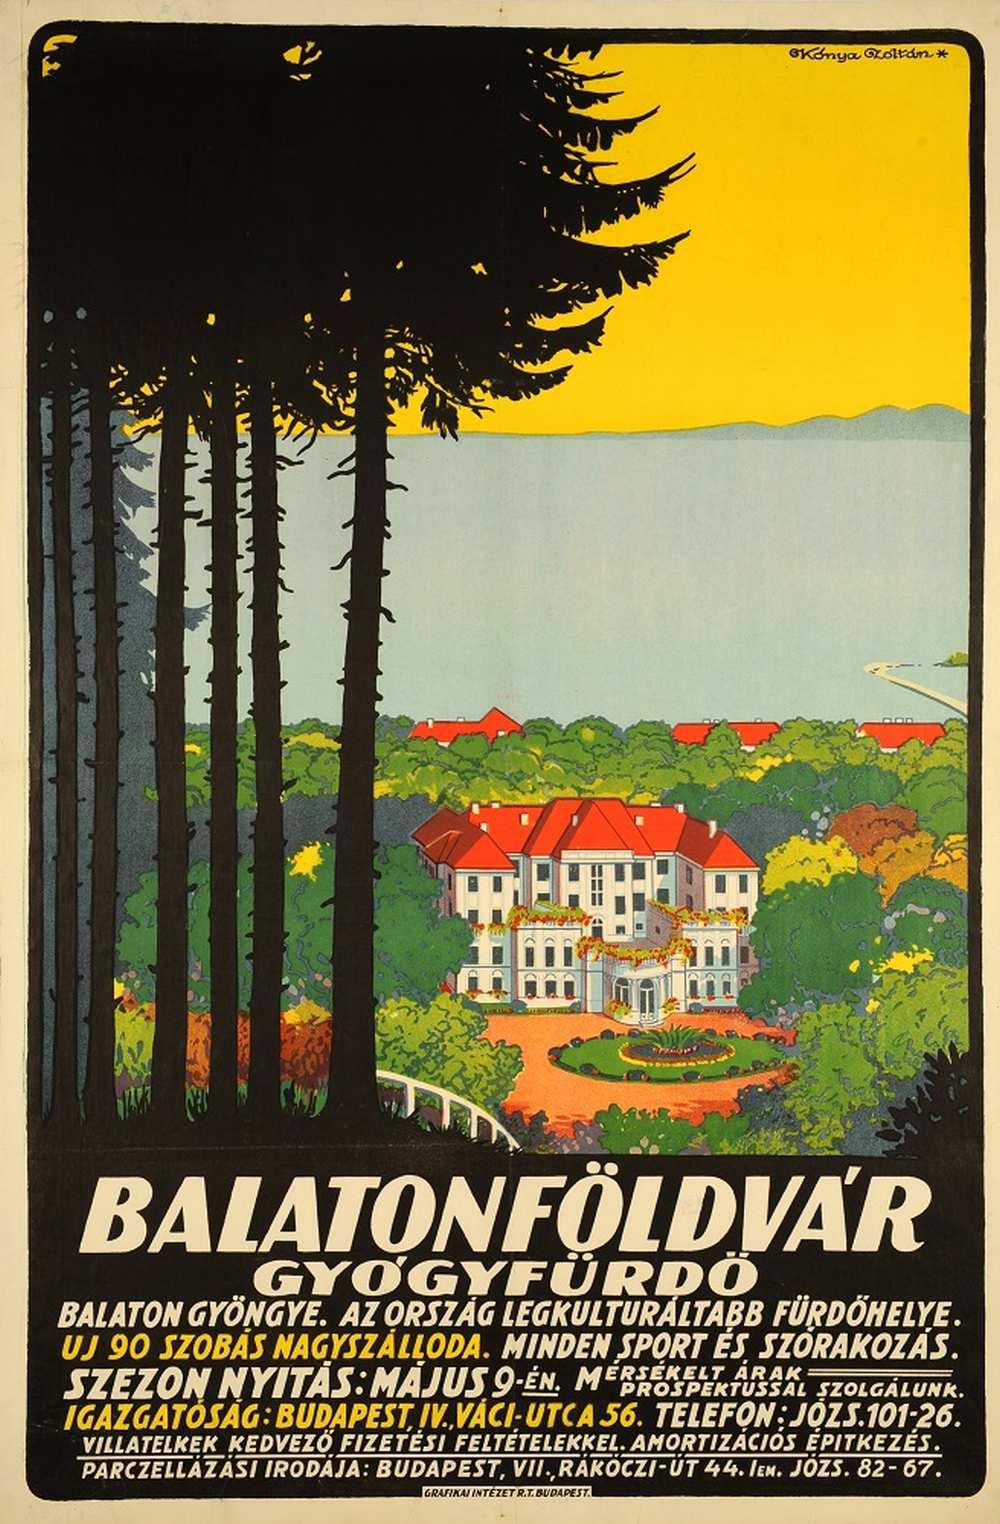 Kónya Zoltán: Balatonföldvár gyógyfürdő (1926). Jelzet: PKG.1926/383 – Térkép-, Plakát- és Kisnyomtatványtár http://nektar.oszk.hu/hu/manifestation/2779928